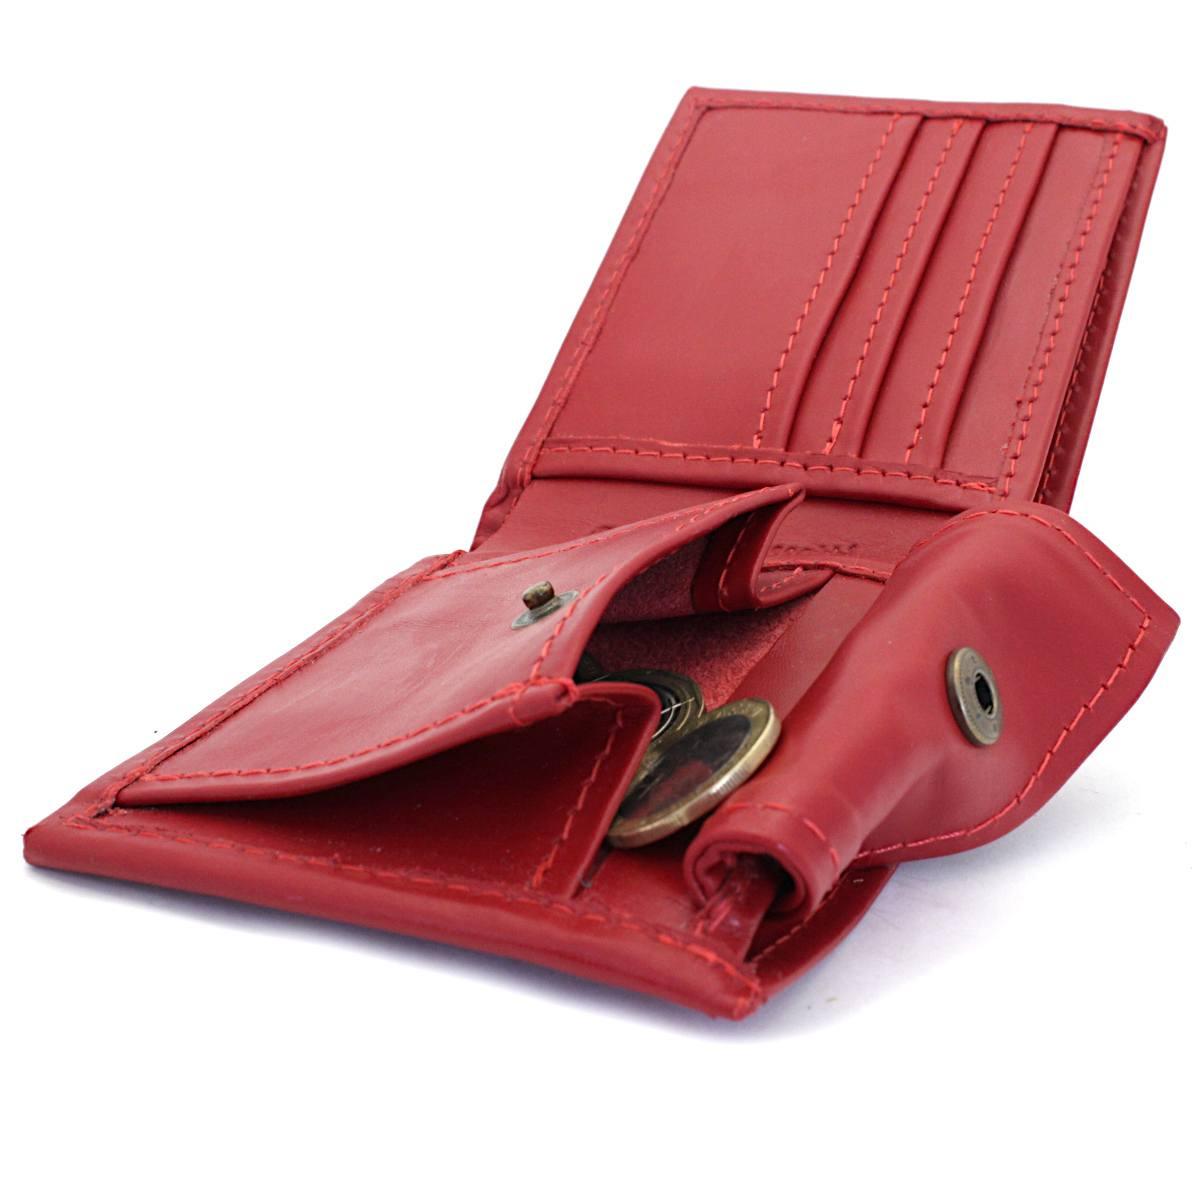 ръчно изработен червен кожен портфейл с логото на цска - монетник